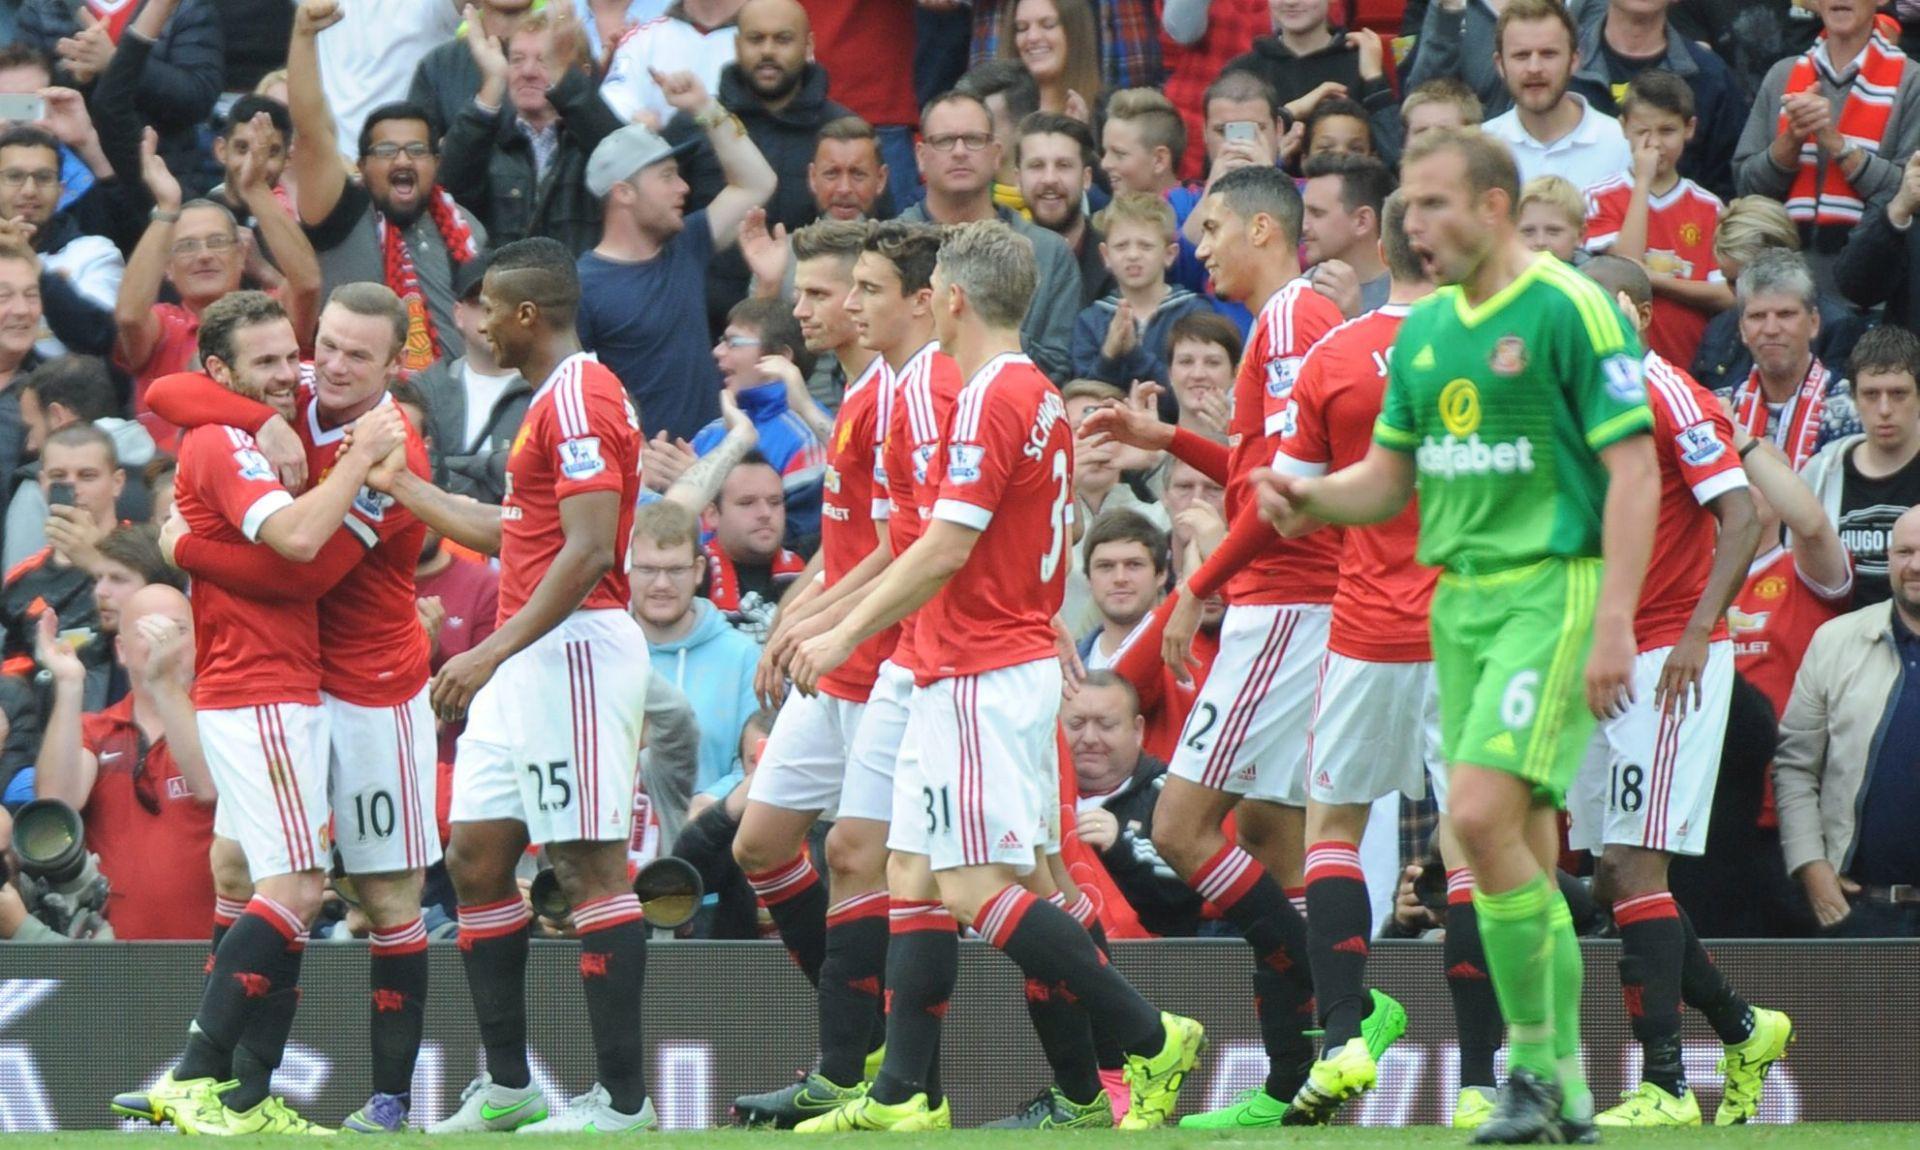 PREMIERSHIP Manchester United preuzeo vrh, Bilić do boda u posljednjim trenucima